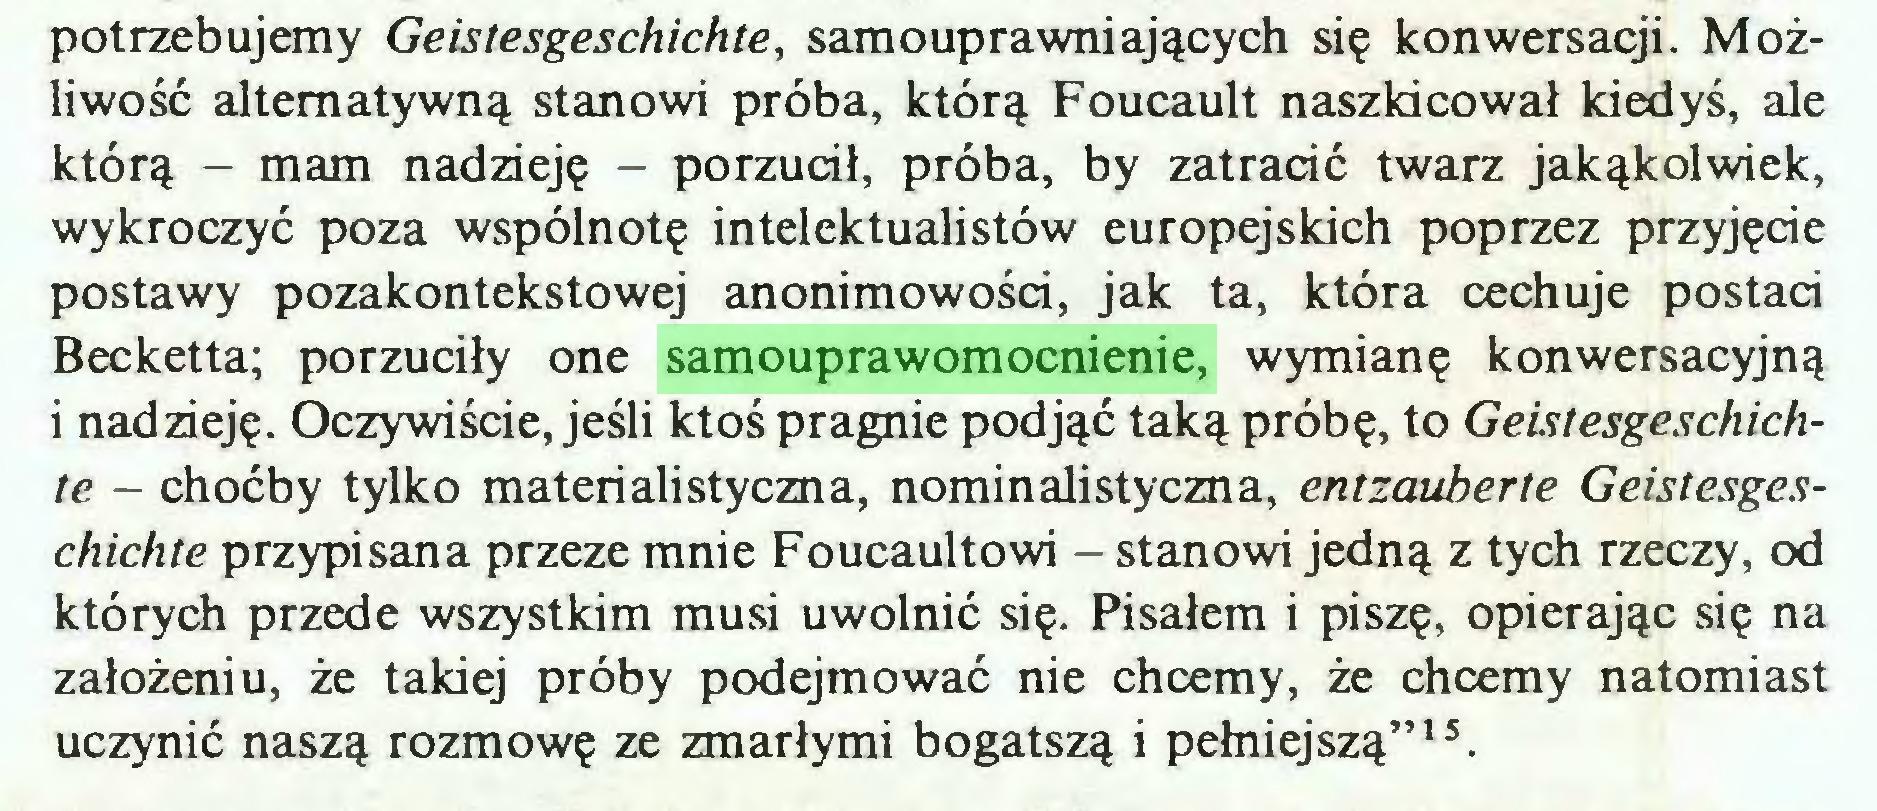 """(...) potrzebujemy Geistesgeschichte, samouprawniających się konwersacji. Możliwość alternatywną stanowi próba, którą Foucault naszkicował kiedyś, ale którą - mam nadzieję - porzucił, próba, by zatracić twarz jakąkolwiek, wykroczyć poza wspólnotę intelektualistów europejskich poprzez przyjęcie postawy pozakontekstowej anonimowości, jak ta, która cechuje postaci Becketta; porzuciły one samouprawomocnienie, wymianę konwersacyjną i nadzieję. Oczywiście, jeśli ktoś pragnie podjąć taką próbę, to Geistesgeschichte - choćby tylko materialistyczna, nominalistyczna, entzauberte Geistesgeschichte przypisana przeze mnie Foucaultowi - stanowi jedną z tych rzeczy, od których przede wszystkim musi uwolnić się. Pisałem i piszę, opierając się na założeniu, że takiej próby podejmować nie chcemy, że chcemy natomiast uczynić naszą rozmowę ze zmarłymi bogatszą i pełniejszą""""1 s..."""